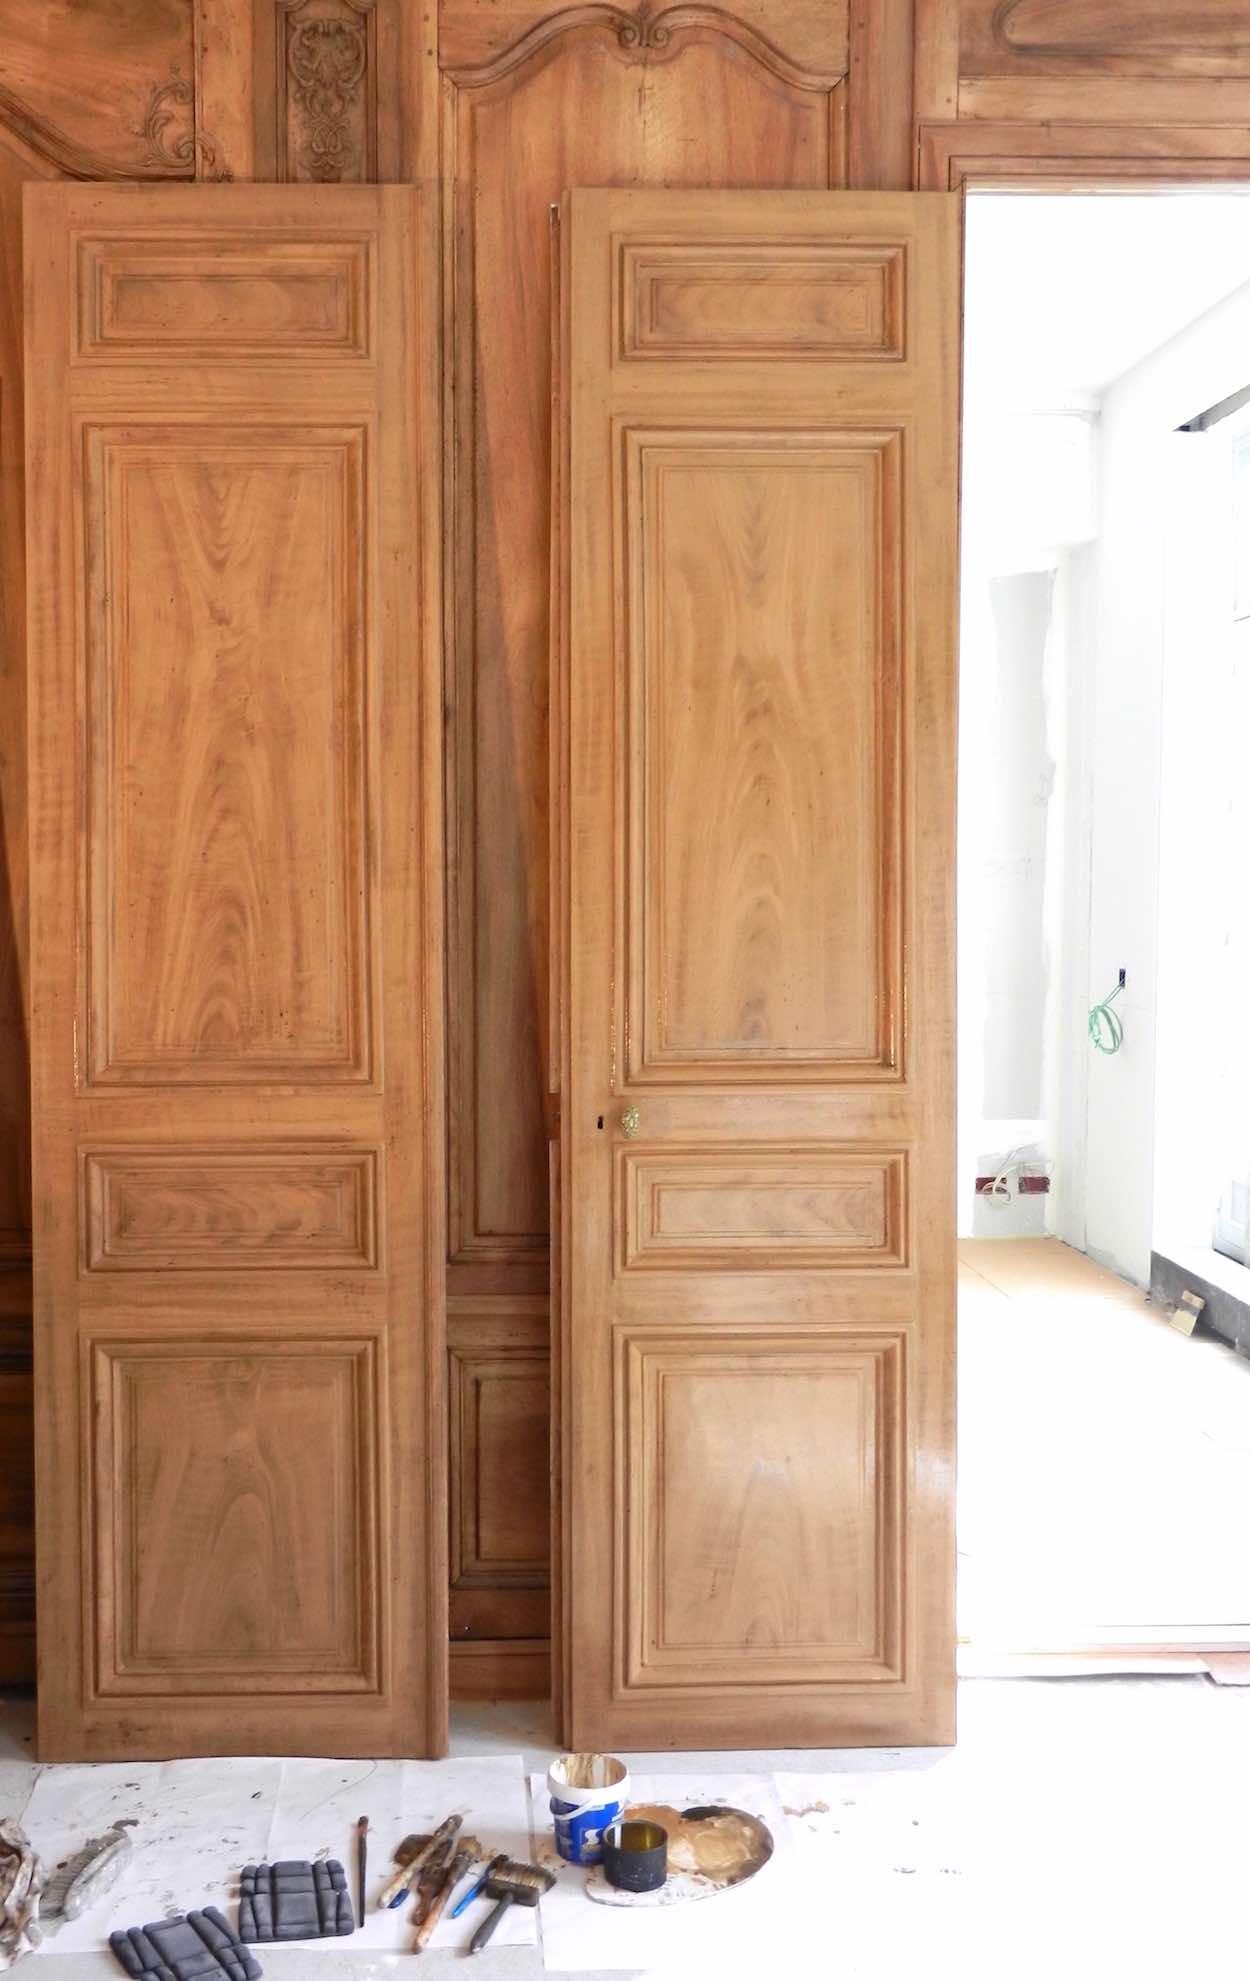 Faux Bois De Ch Ne Et Noyer Sur Portes Paris Studio Julien Gautier # Bois De Chene